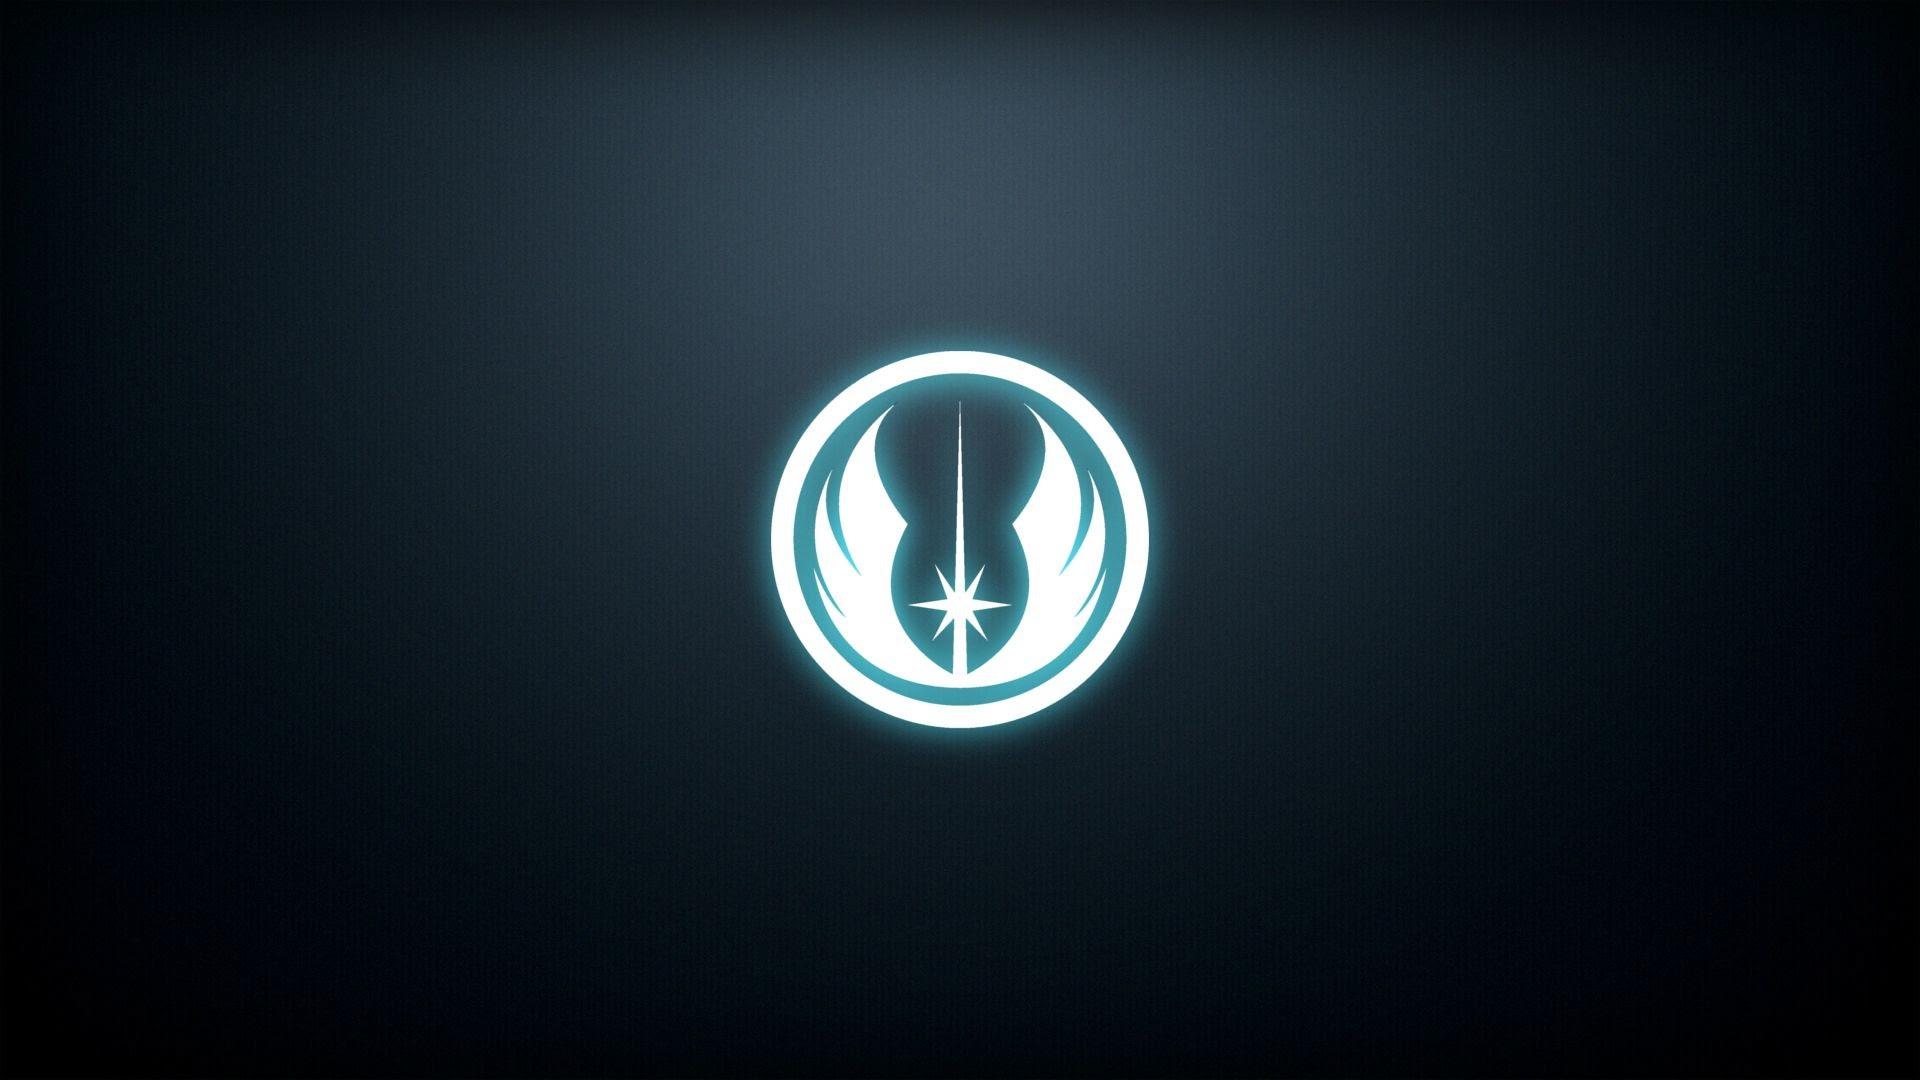 Jedi Order Wallpaper 67 Images